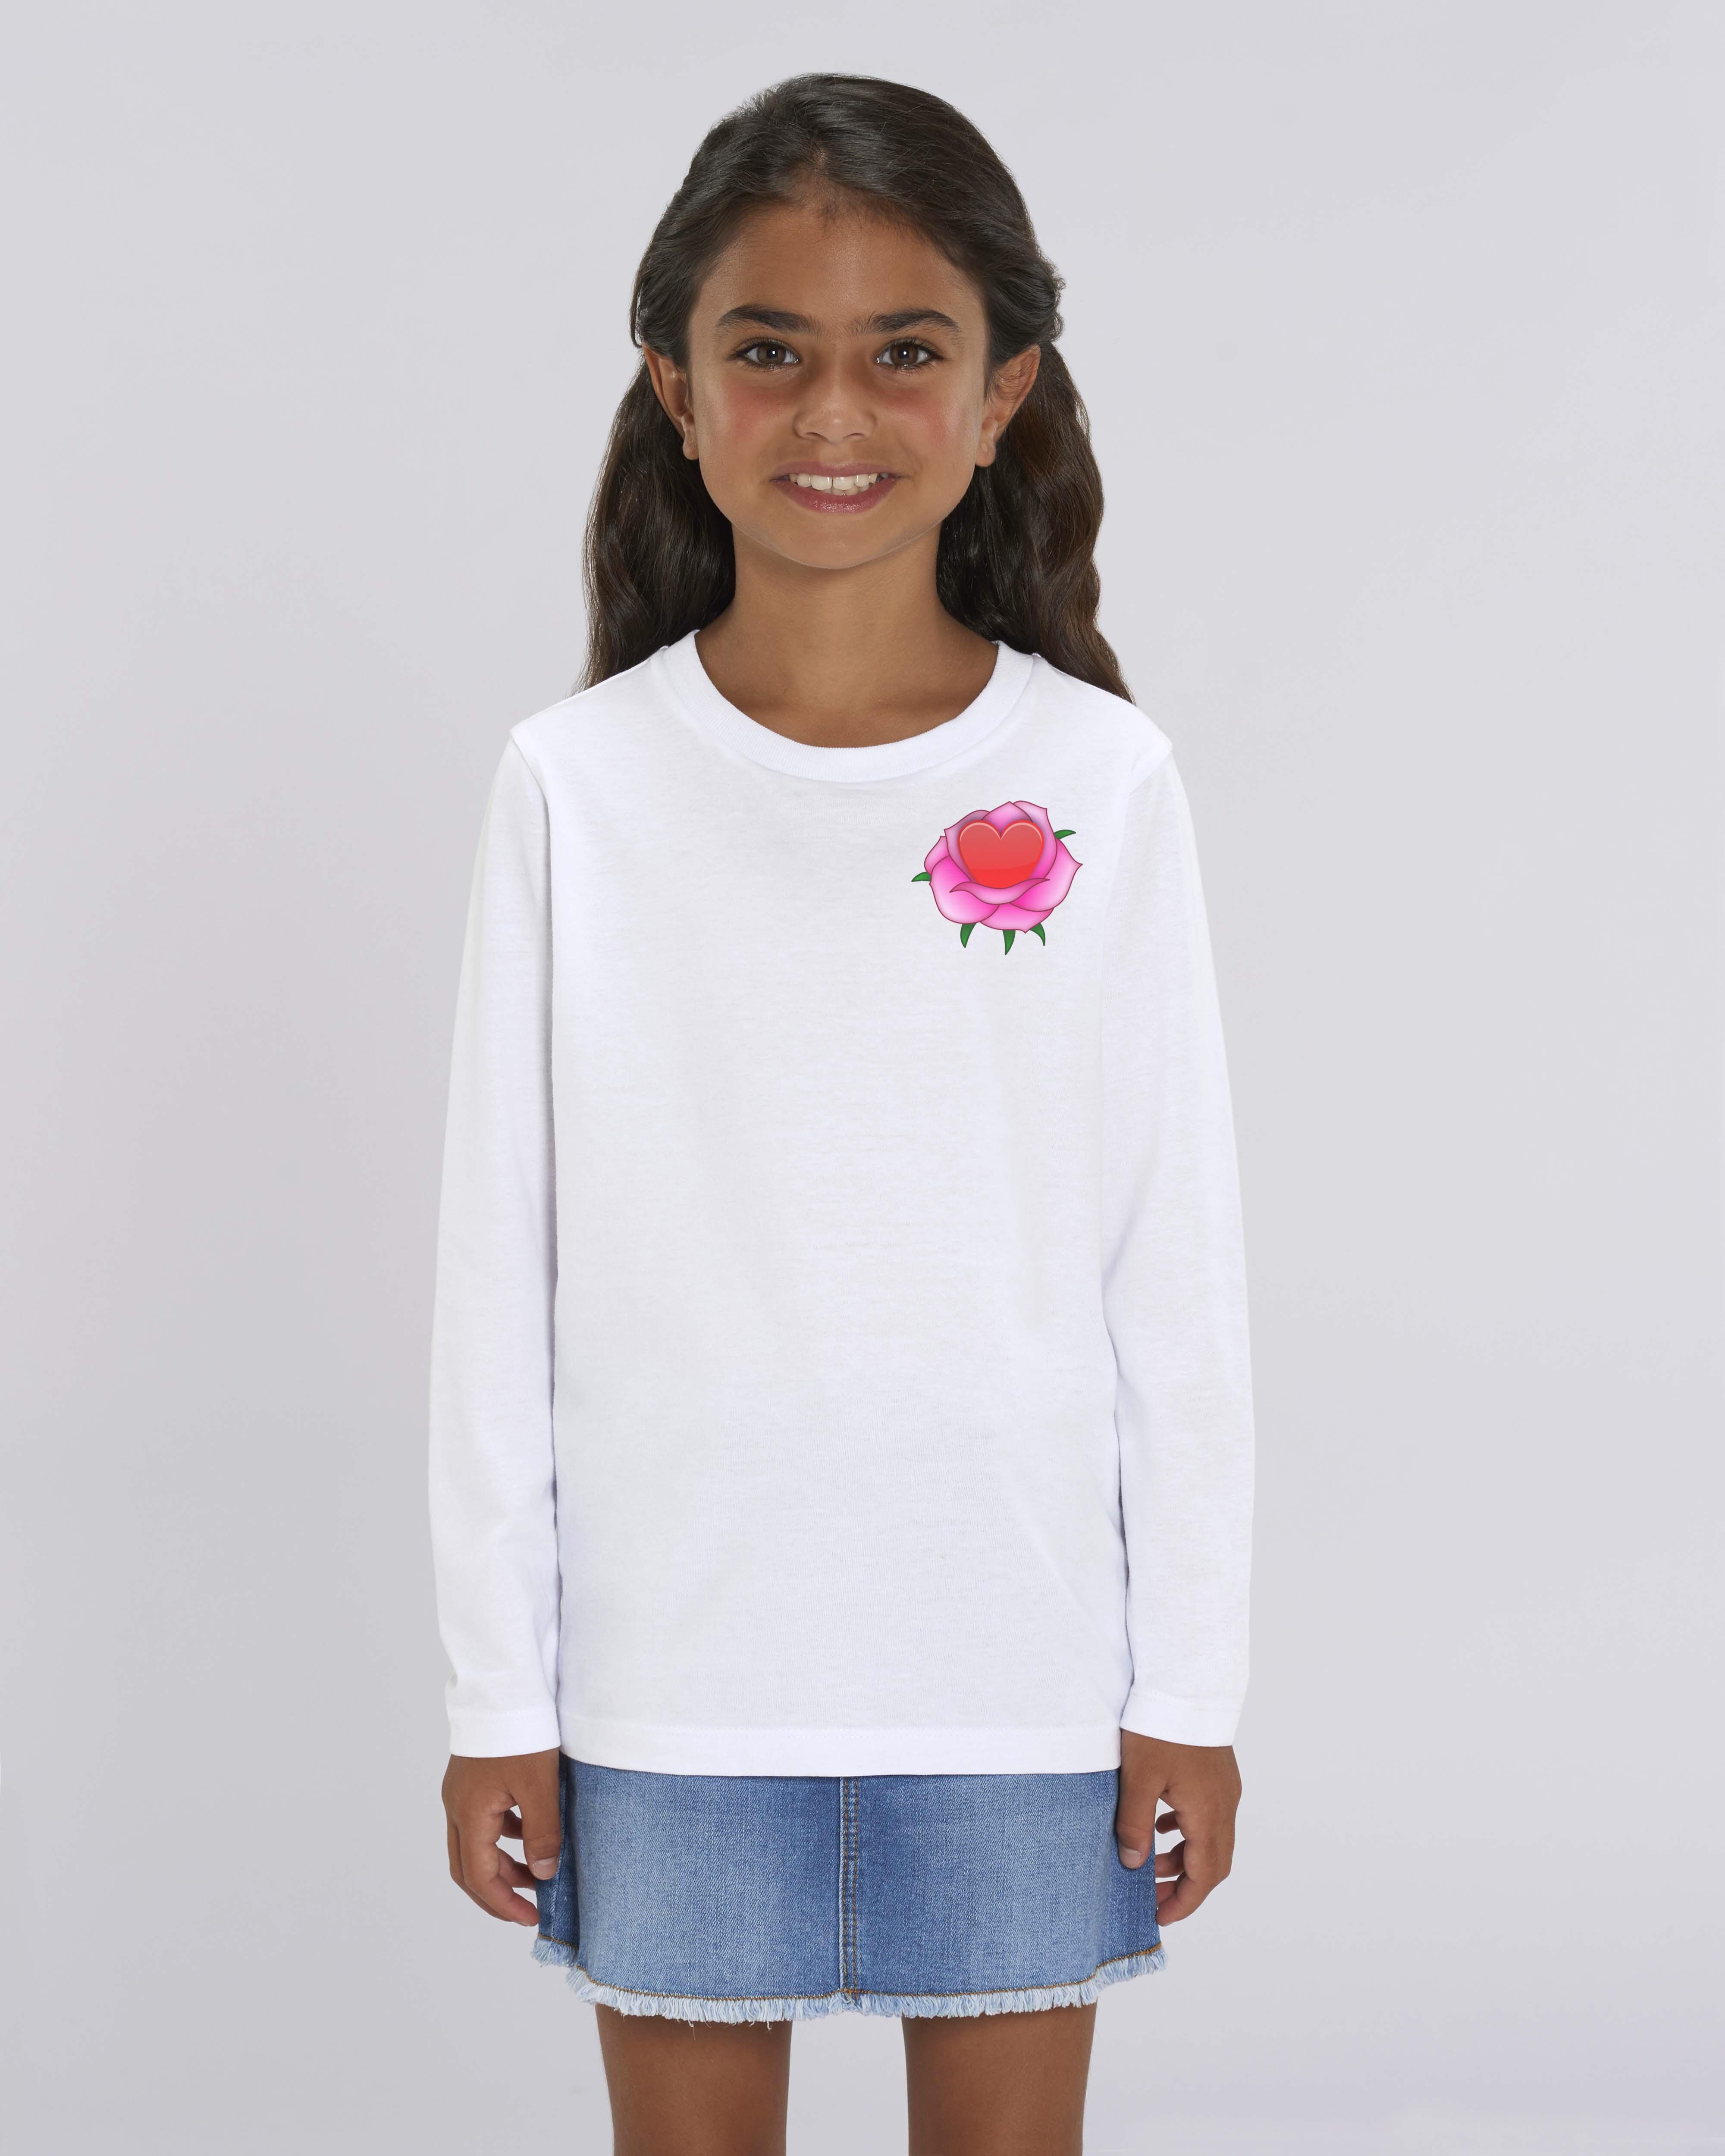 T-Shirt Bio blanc Enfant fille - Roses tee